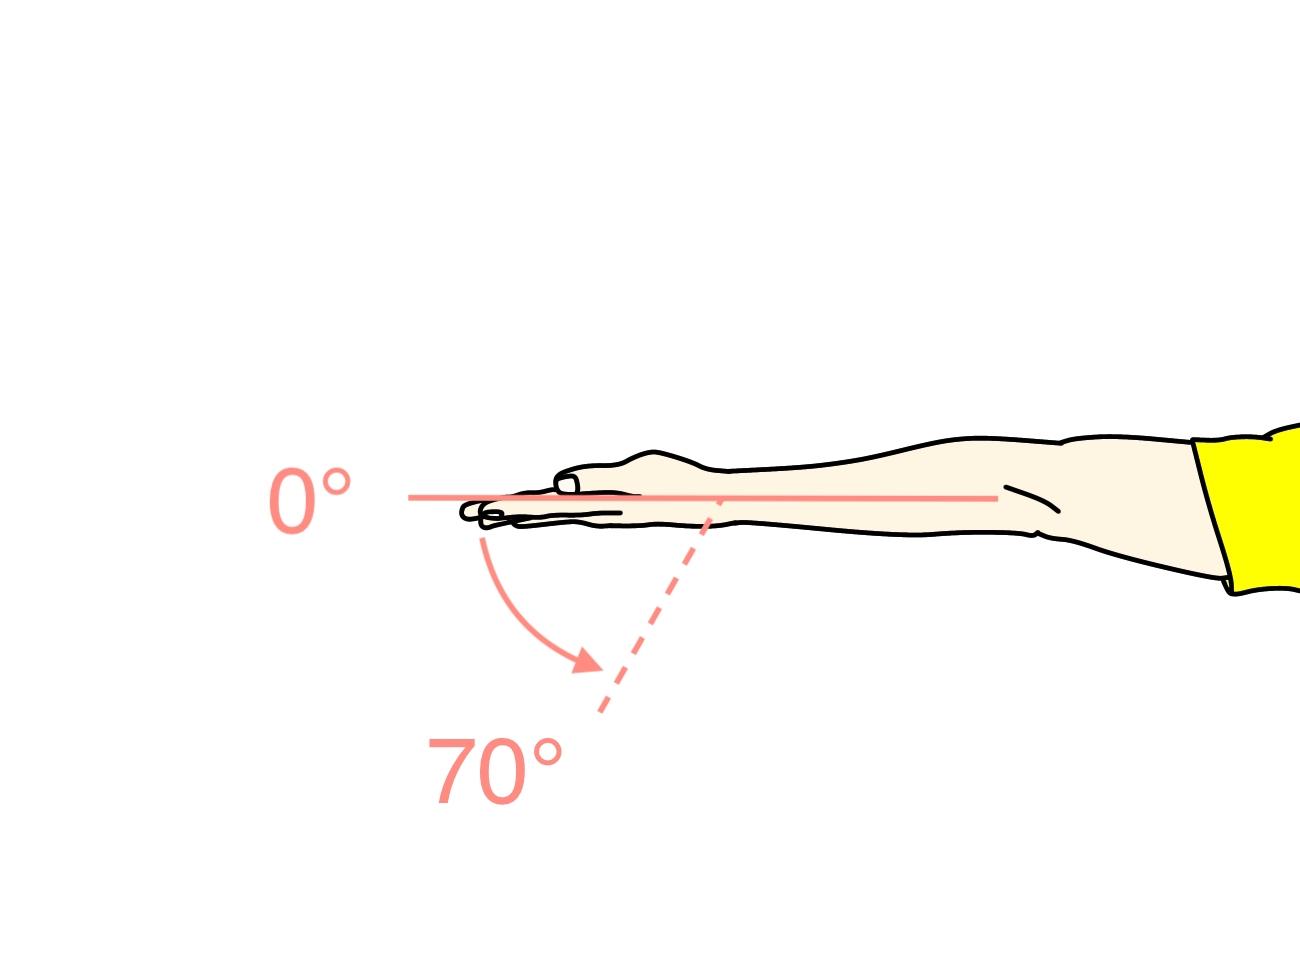 手首を伸ばす動作(手首の伸展)の関節可動域(ROM)と働く筋肉のまとめ